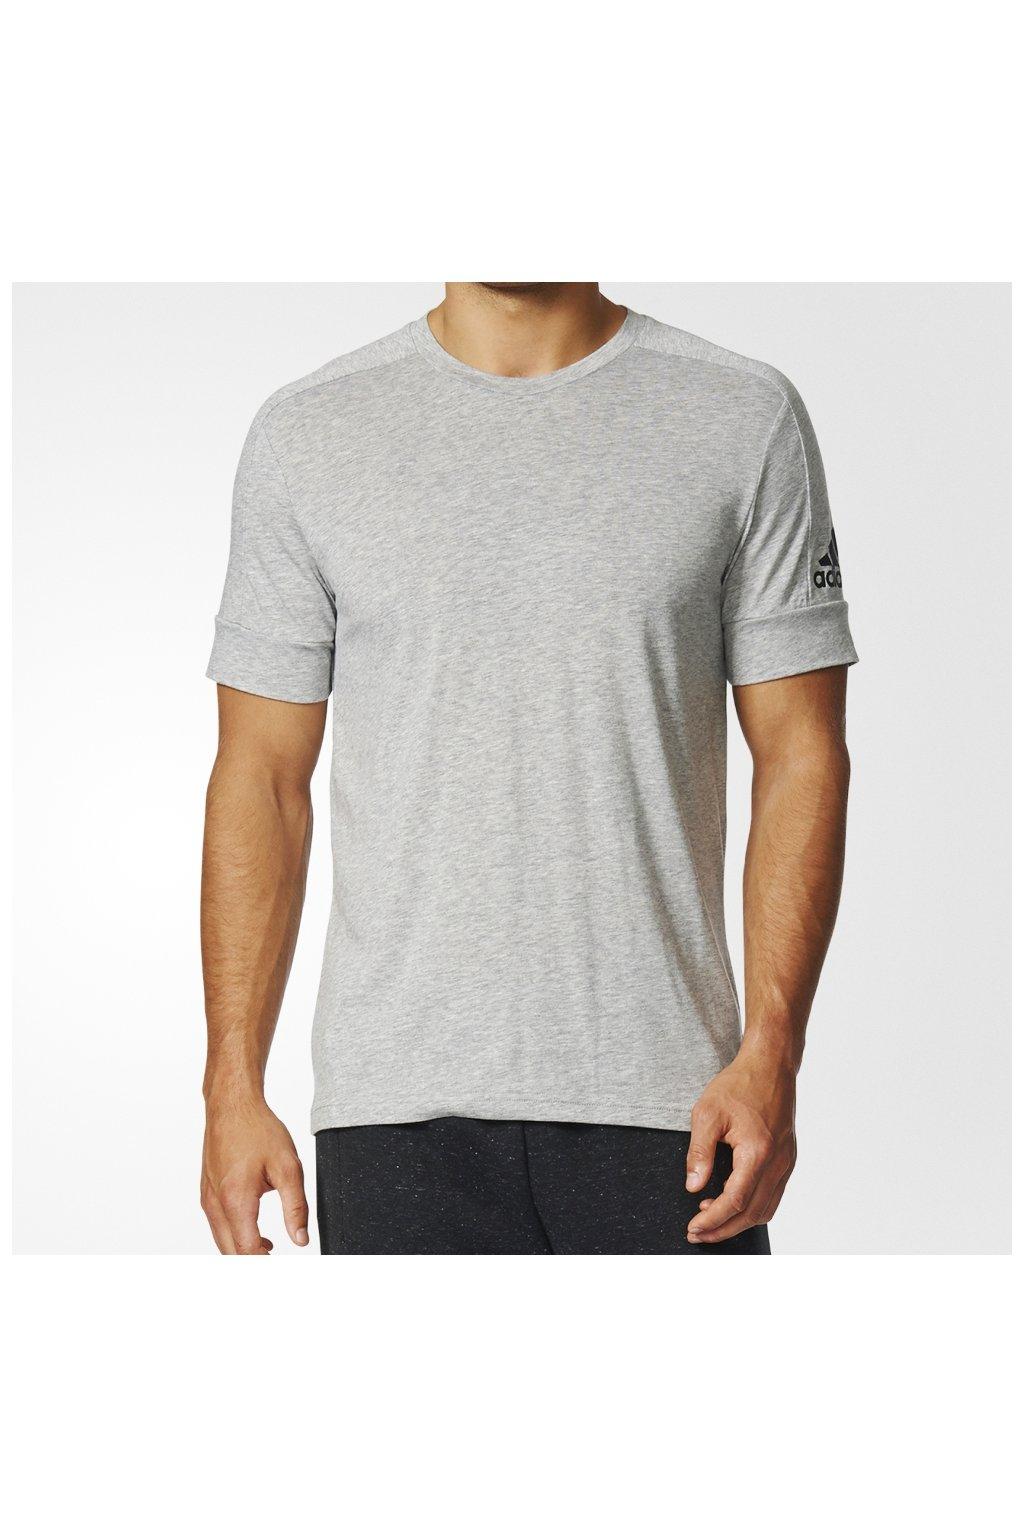 BQ1646 tričko adidas id stadium fmbh